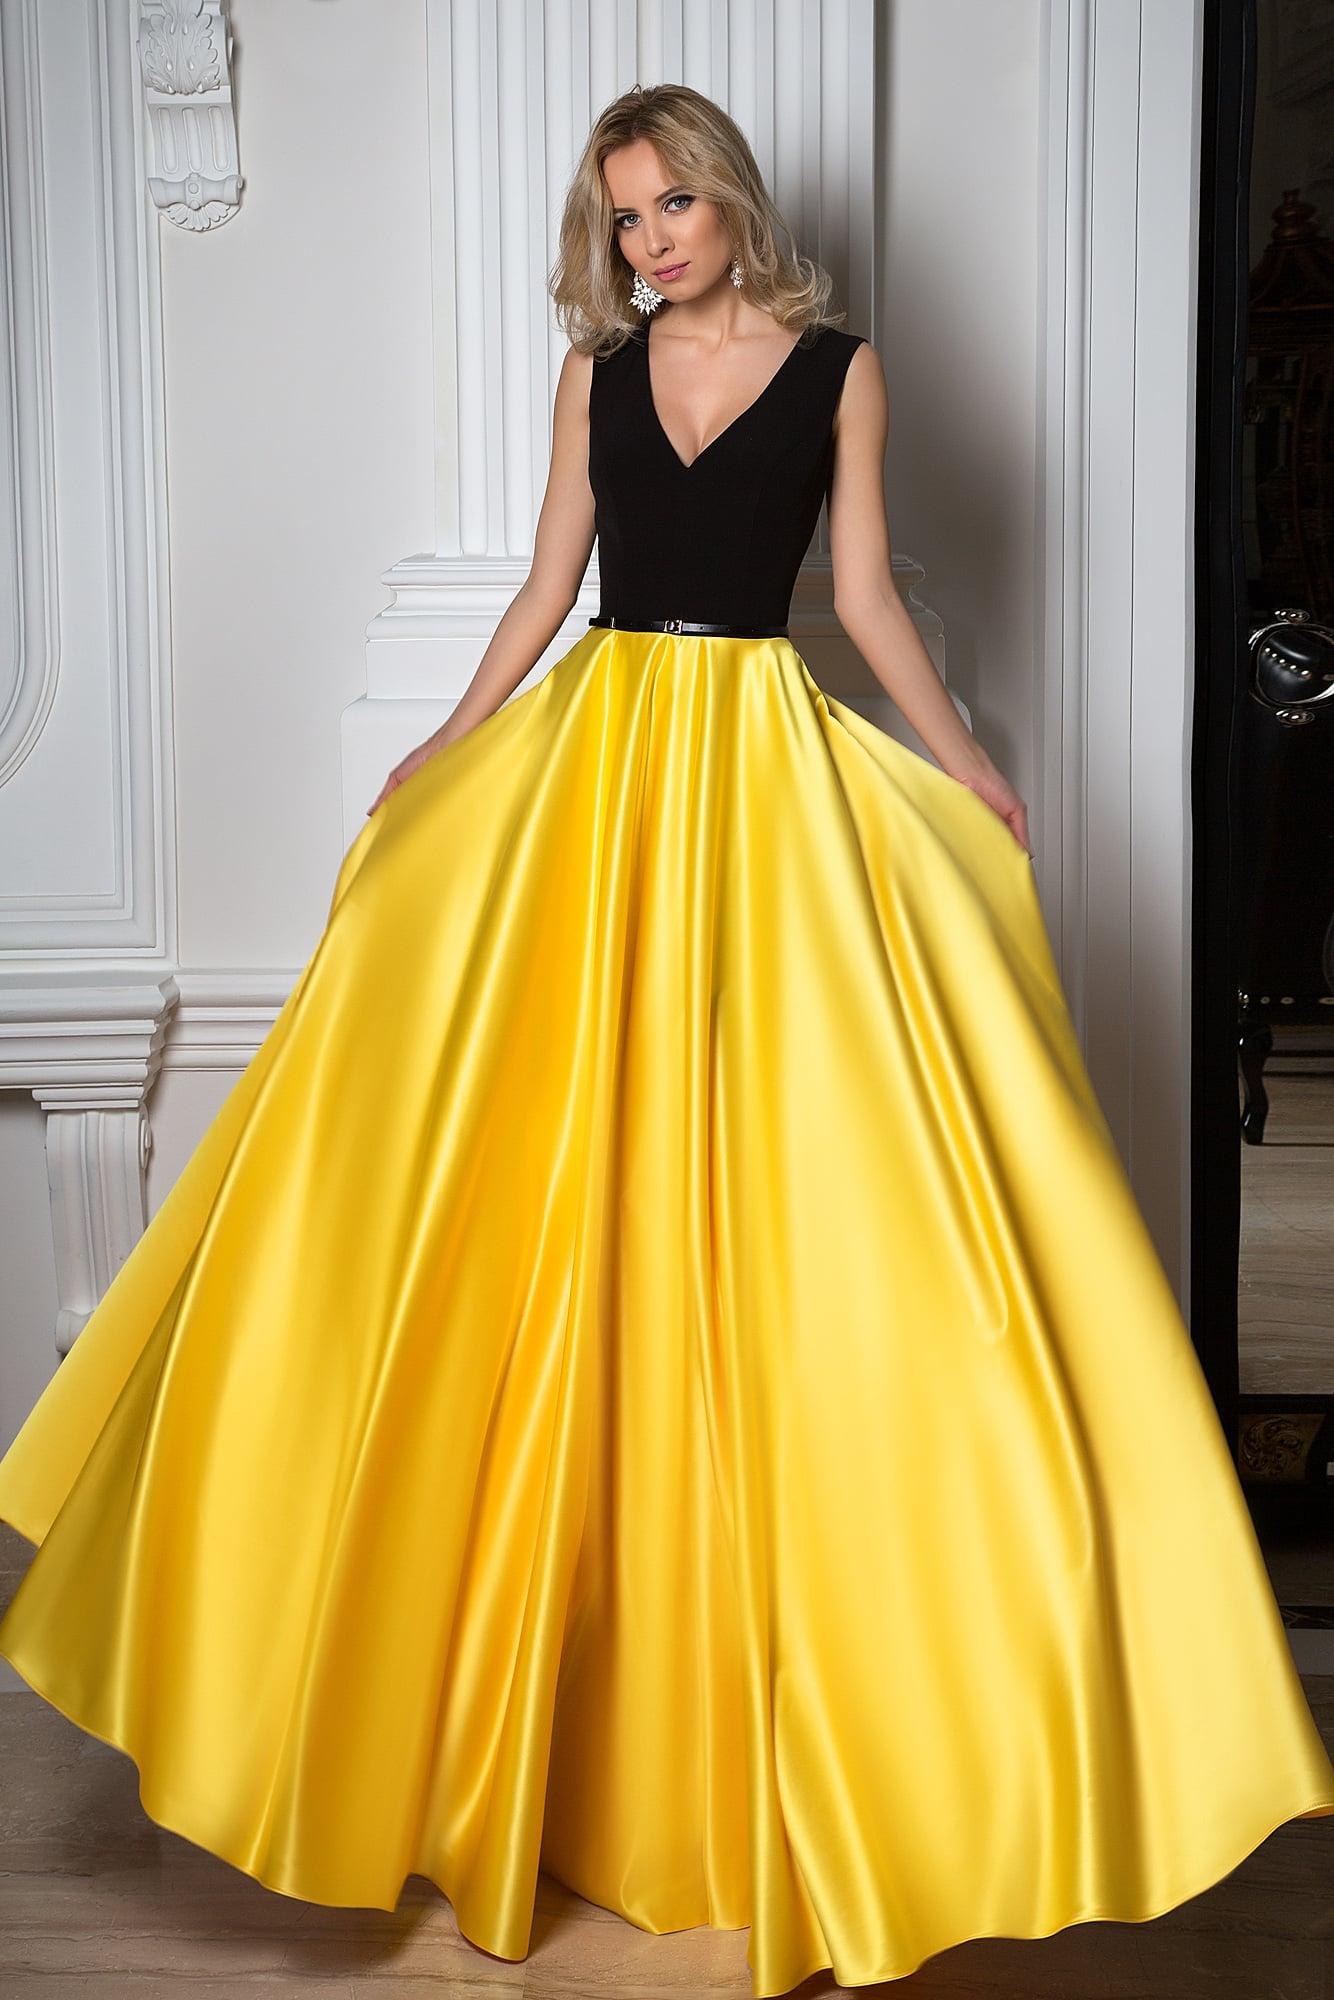 Роскошное вечернее платье с яркой желтой юбкой и лифом из матовой черной ткани.